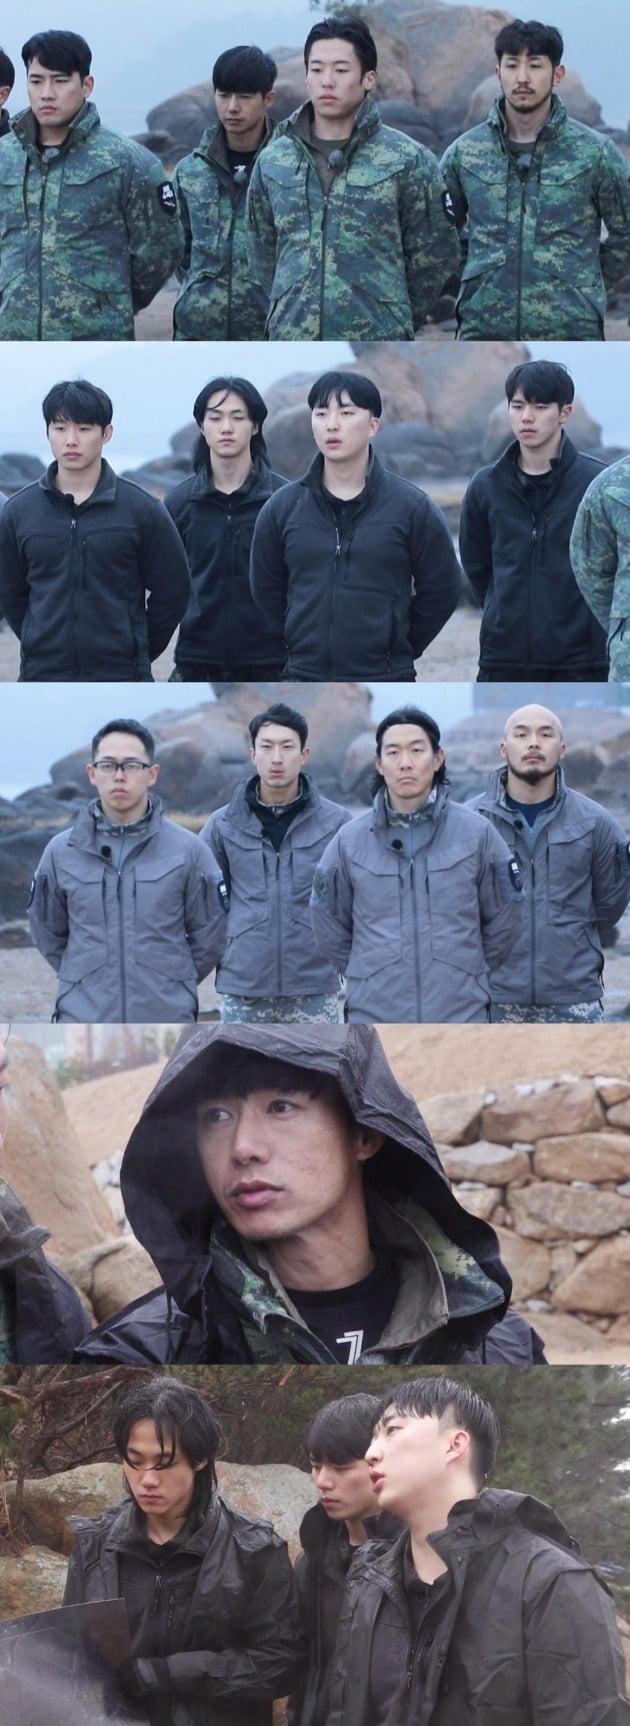 '강철부대' 스틸컷./사진제공=채널A, SKY